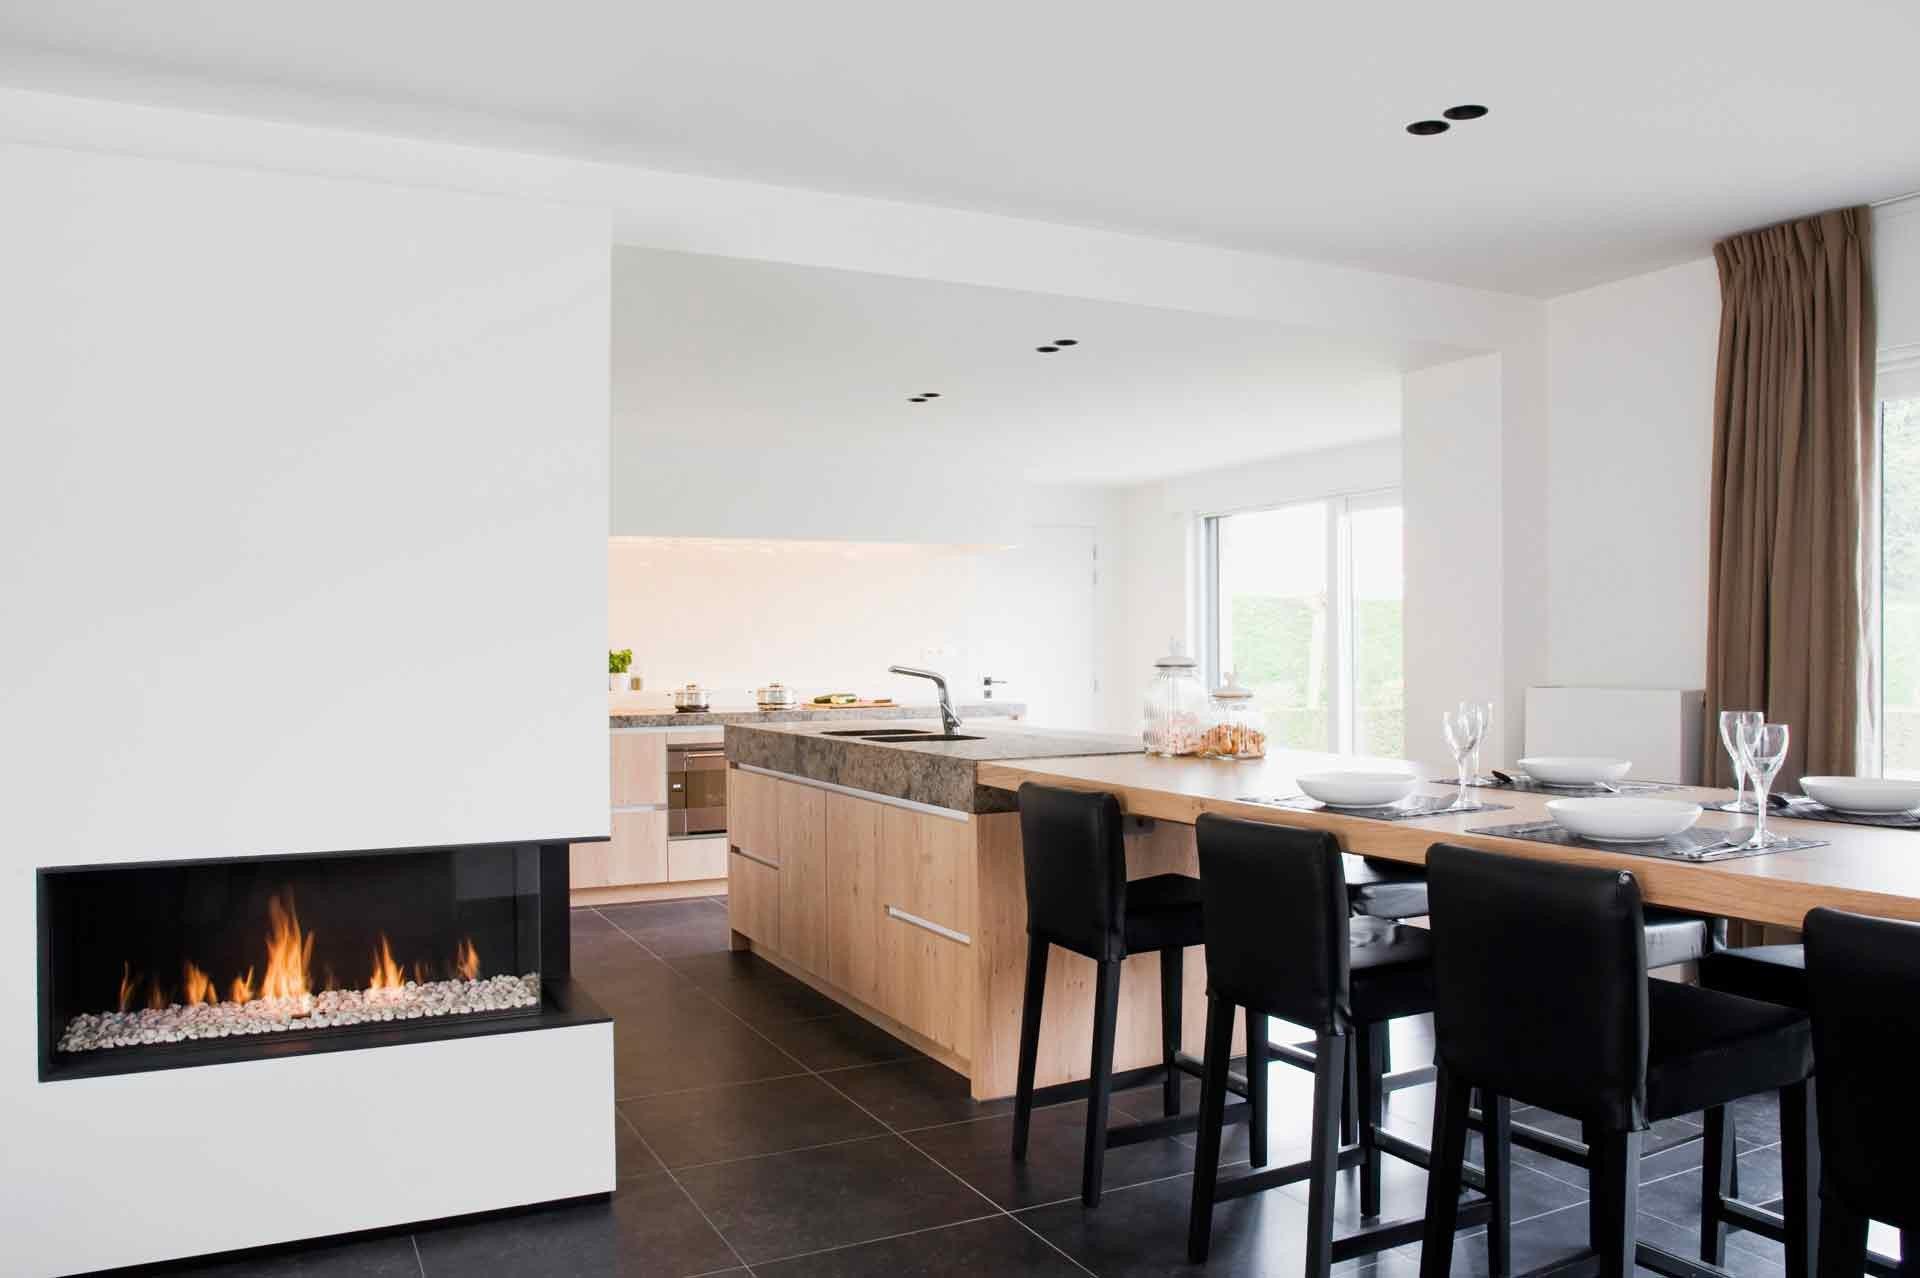 Totaalrichting-keuken-bureau-tvmeubel-MariaAalter-2.jpg